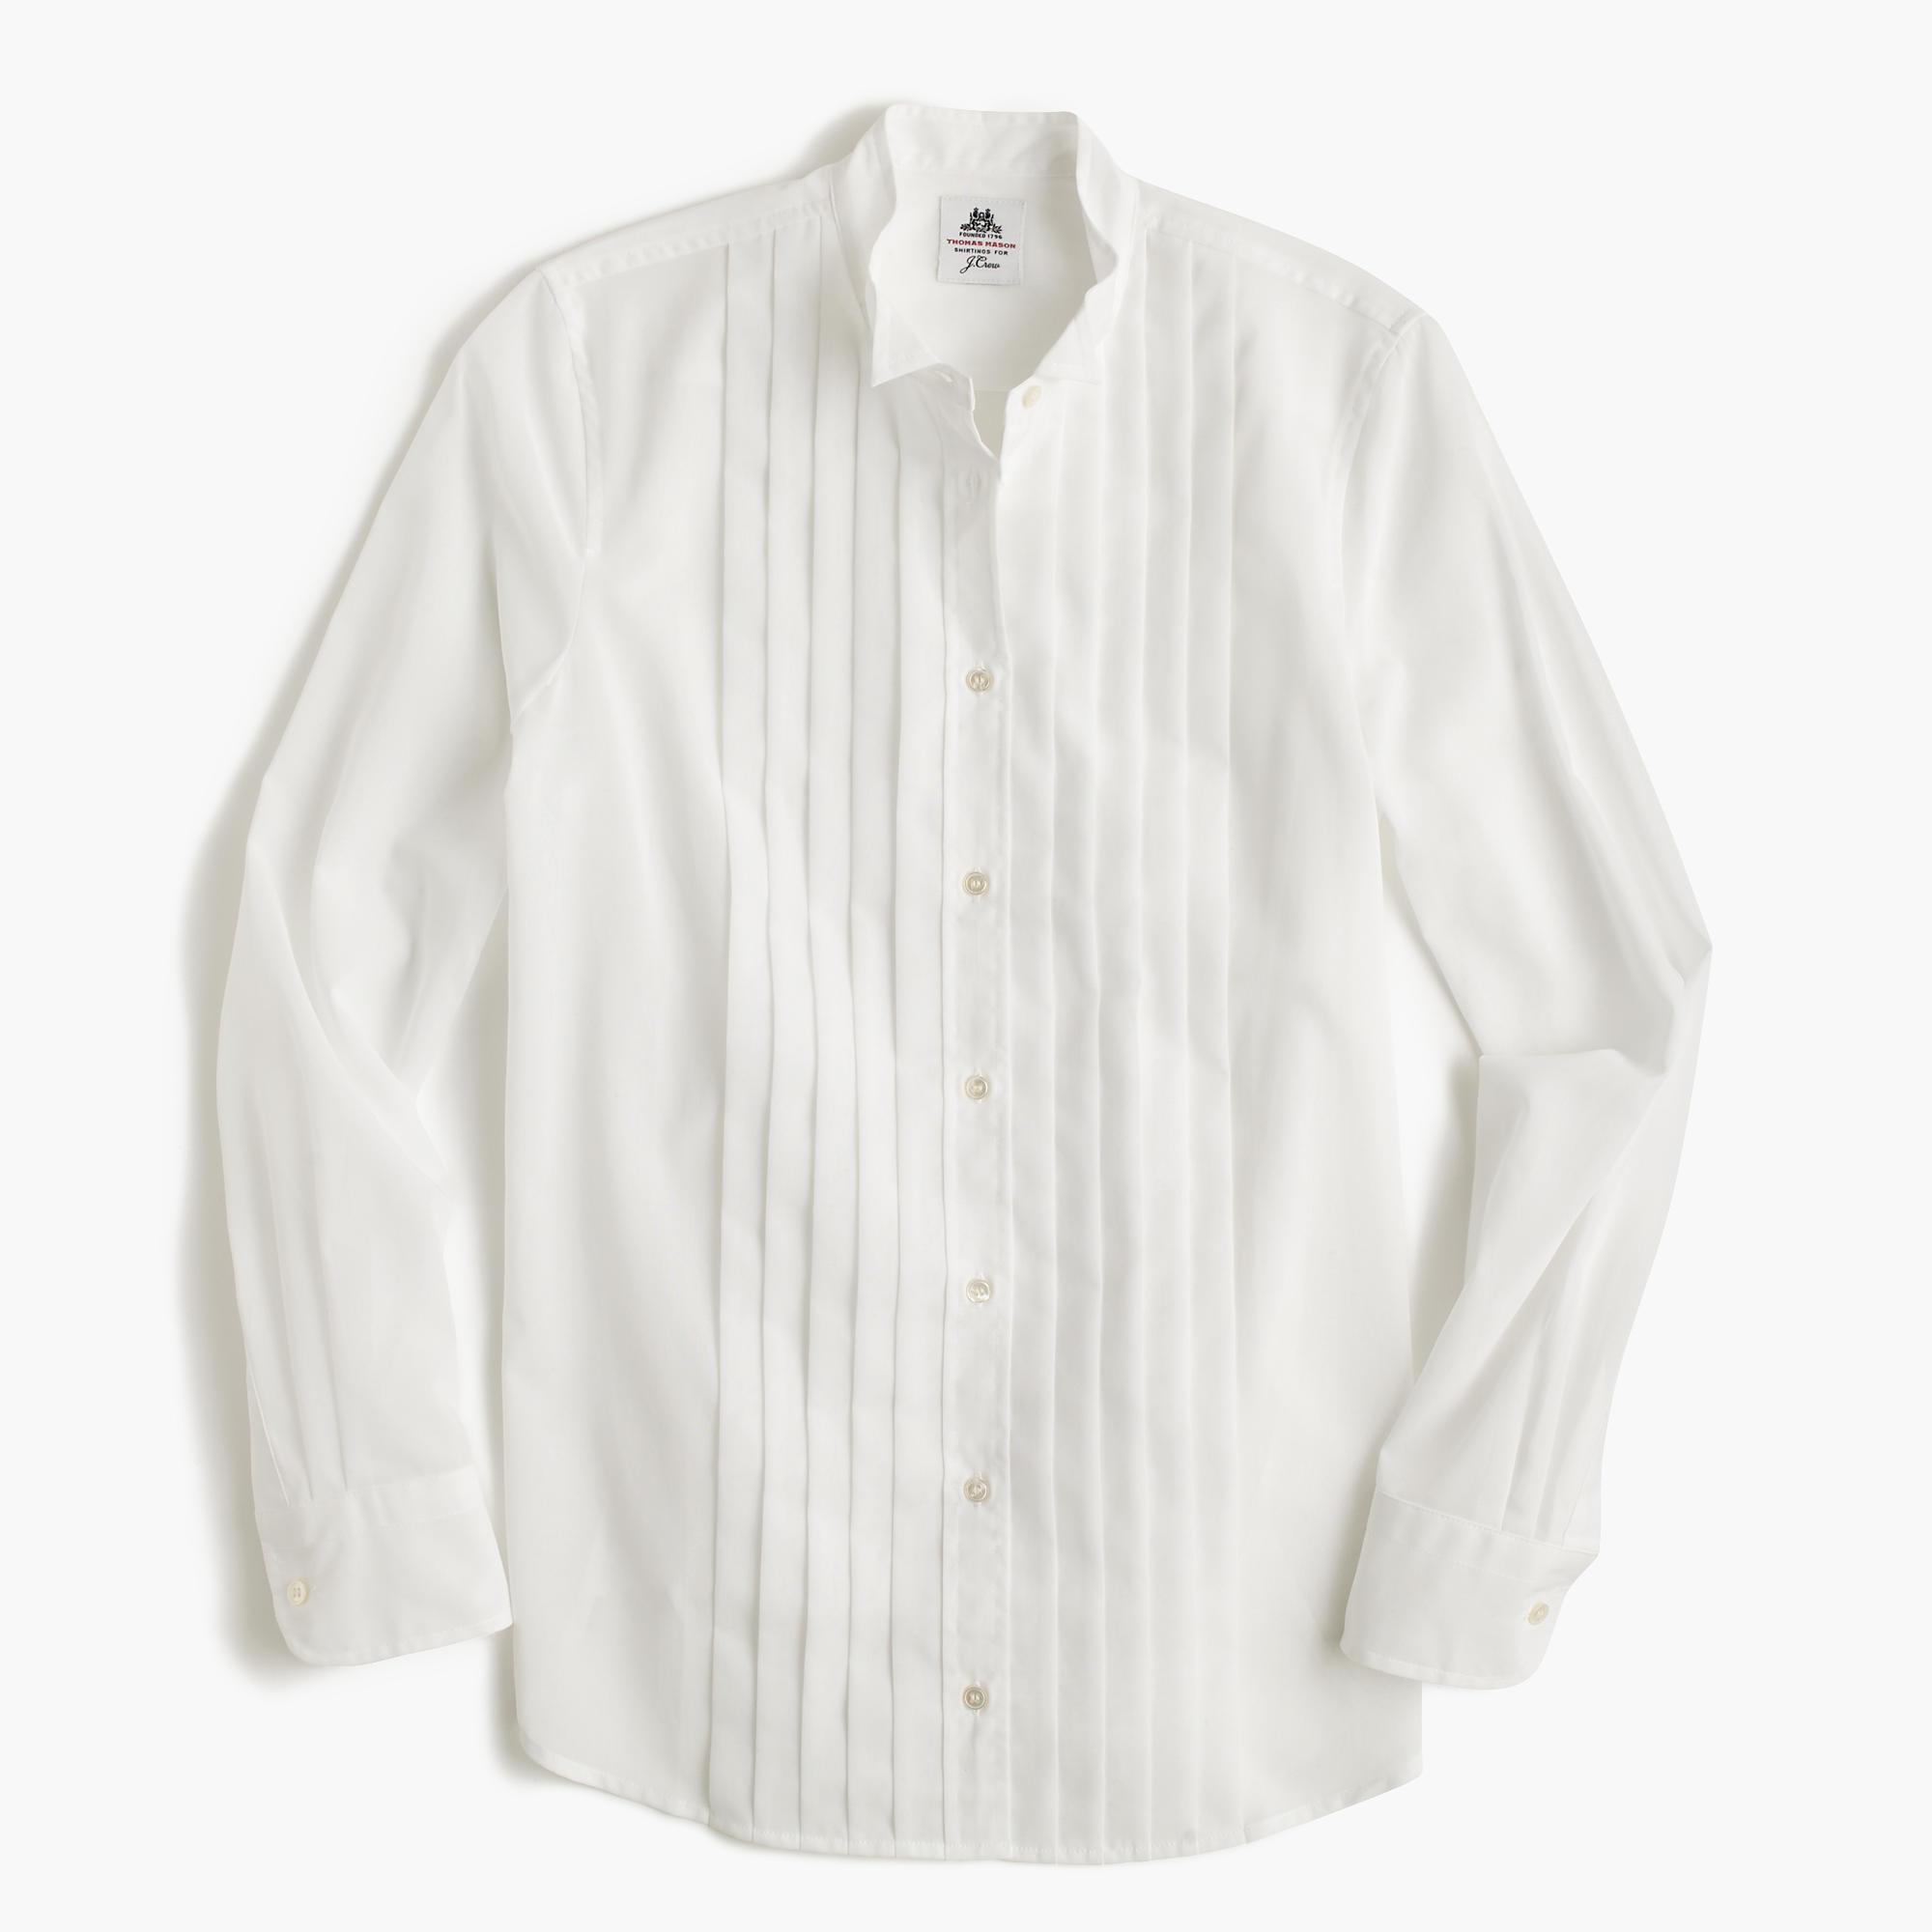 Collection thomas mason tuxedo shirt in cotton voile for Thomas mason dress shirts